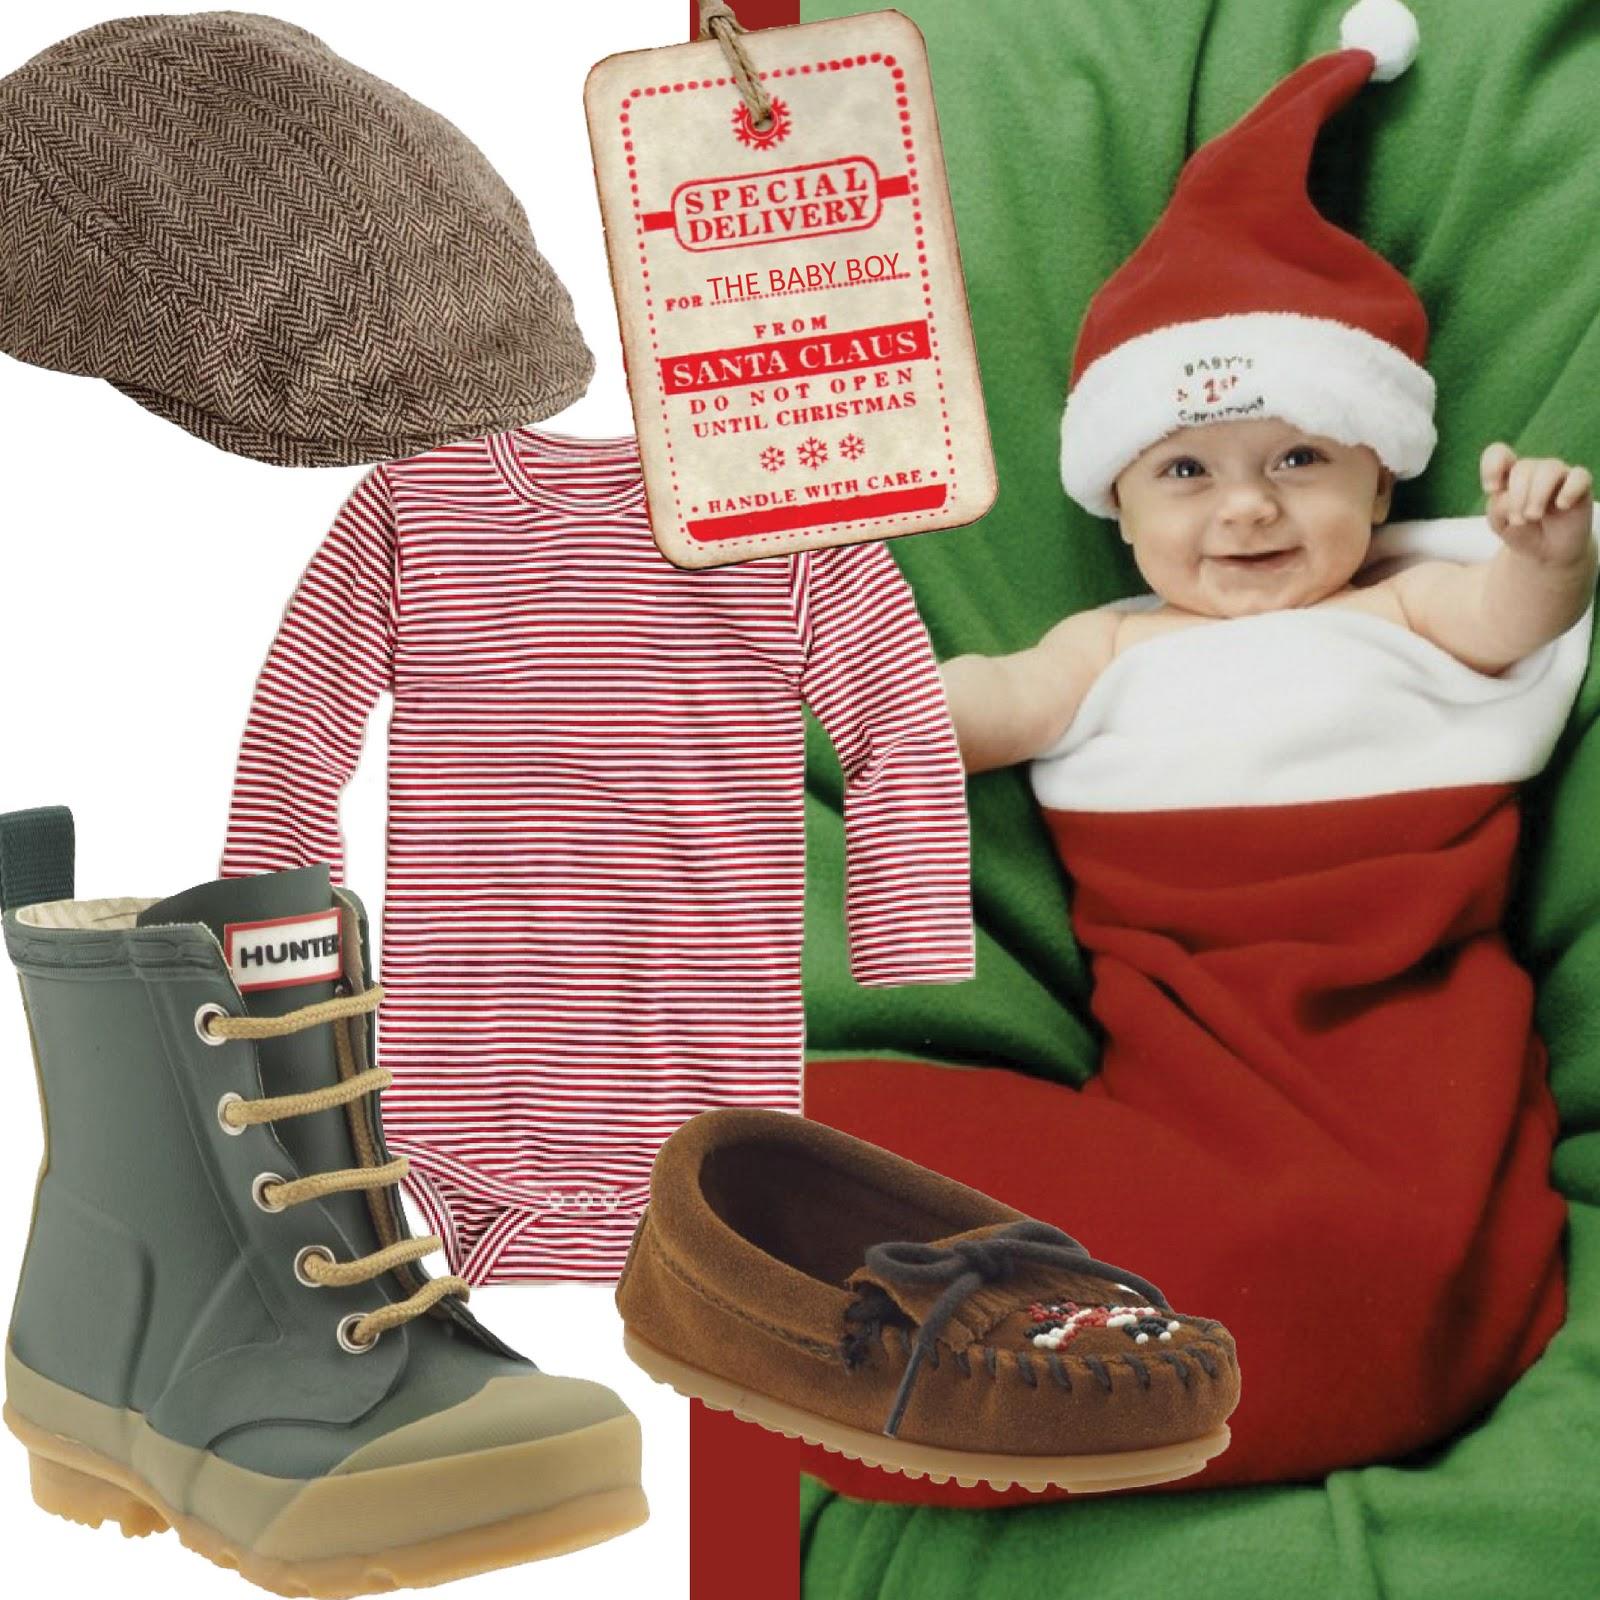 Baby Gifts Via Post : Holiday baby gifts by cornflake dreams sandyalamode